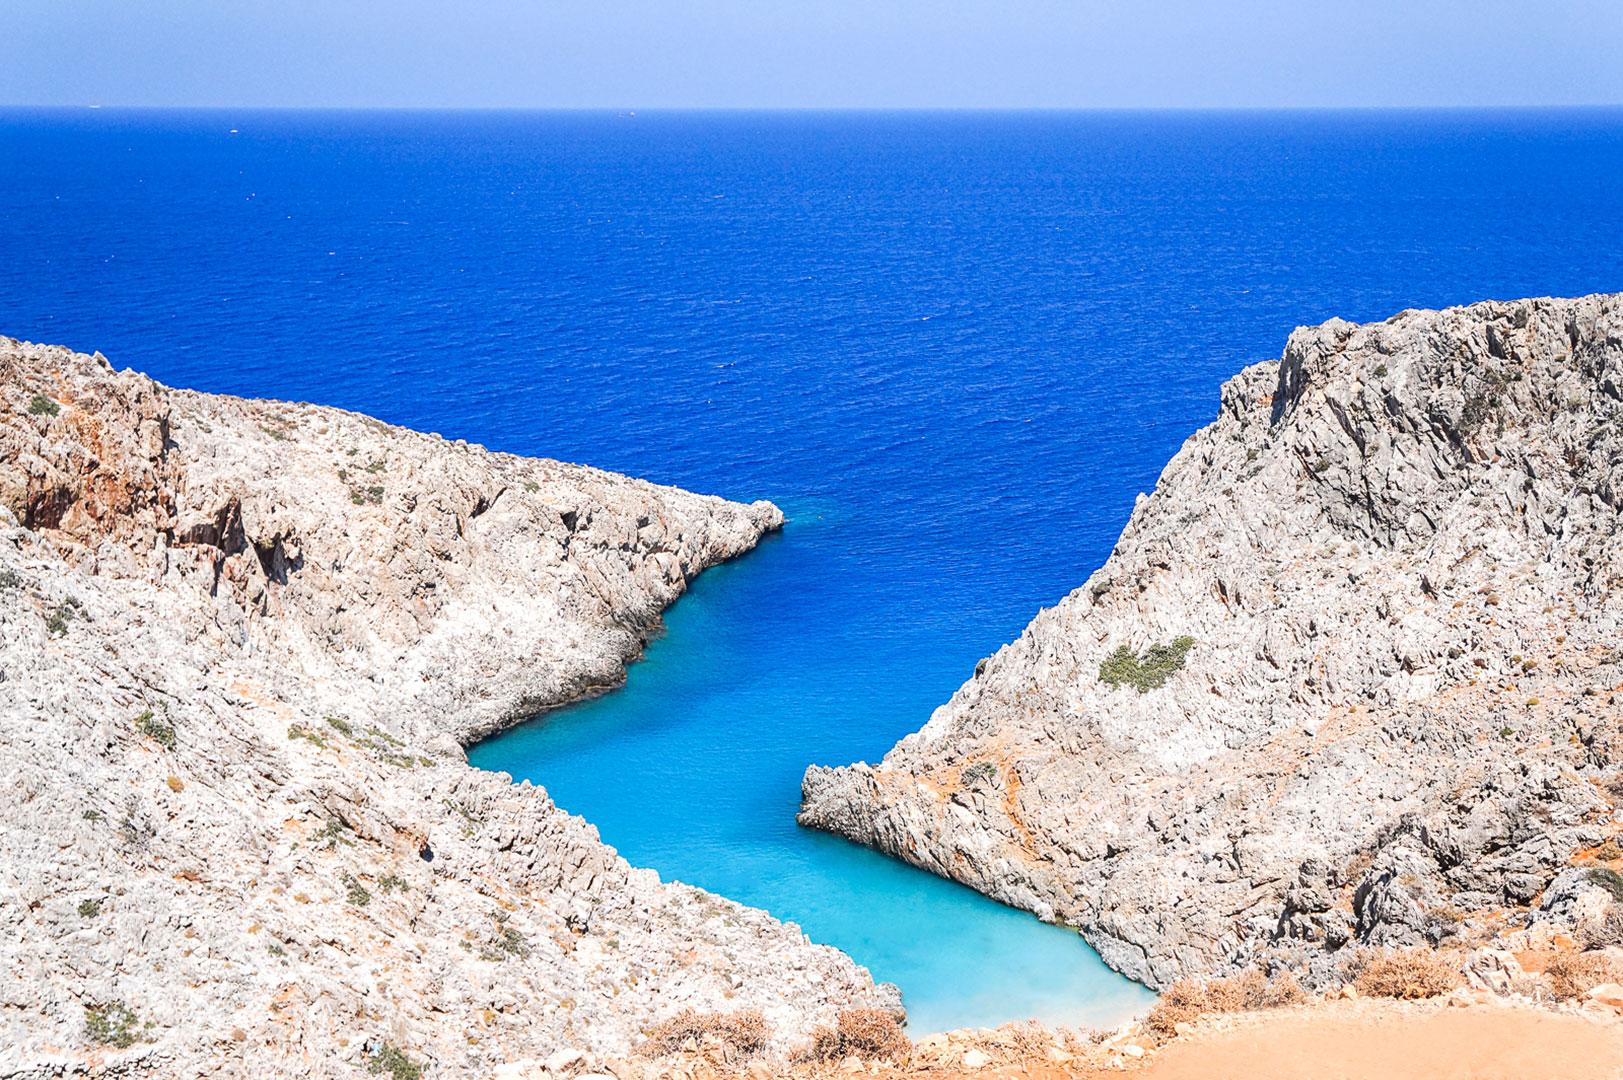 seitan-chania-crete-greece-la-vie-en-blog-all-rights-reserved